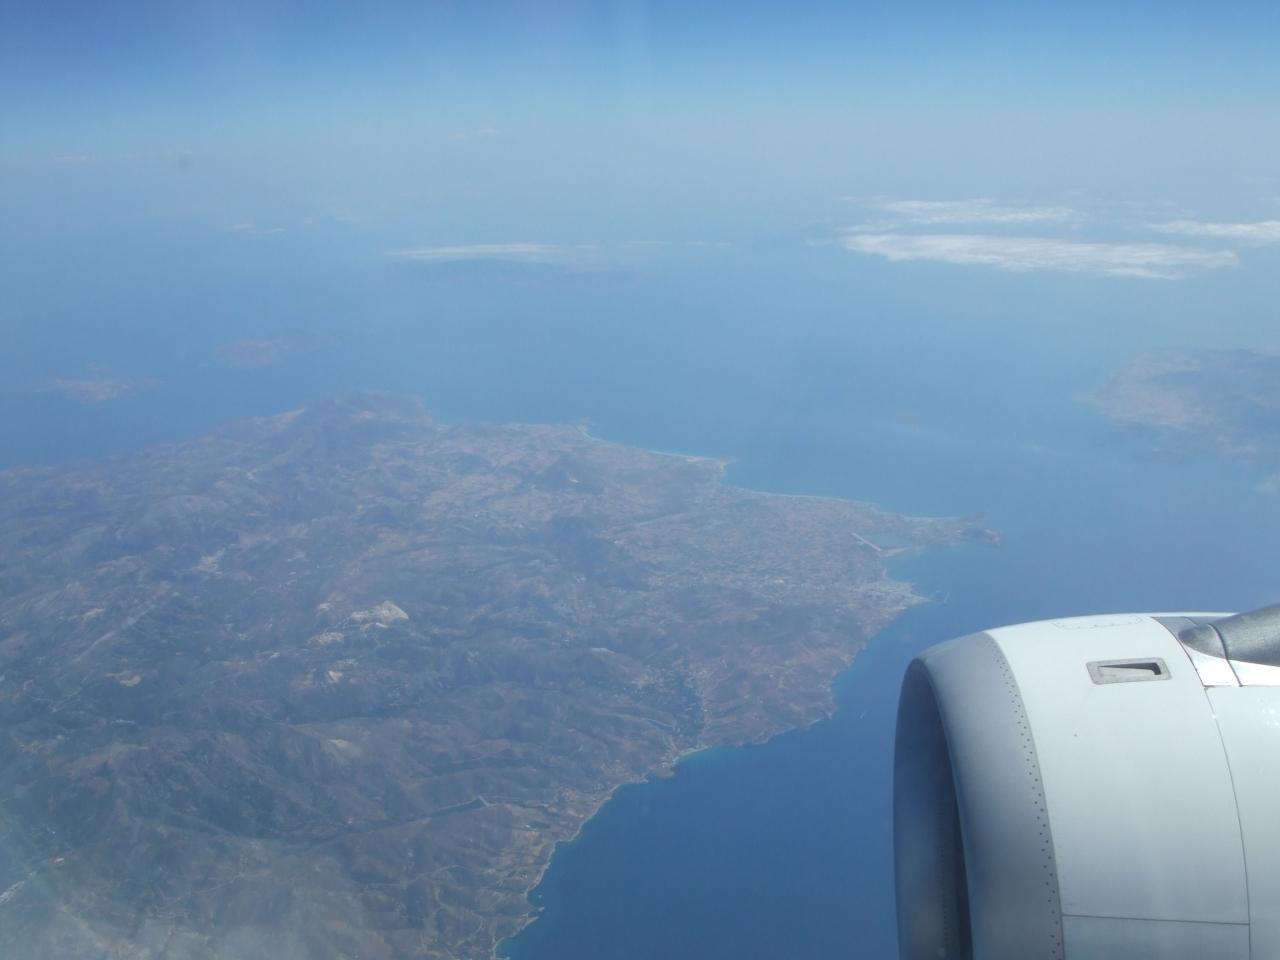 2009年6月 エーゲ海とアテネ 2